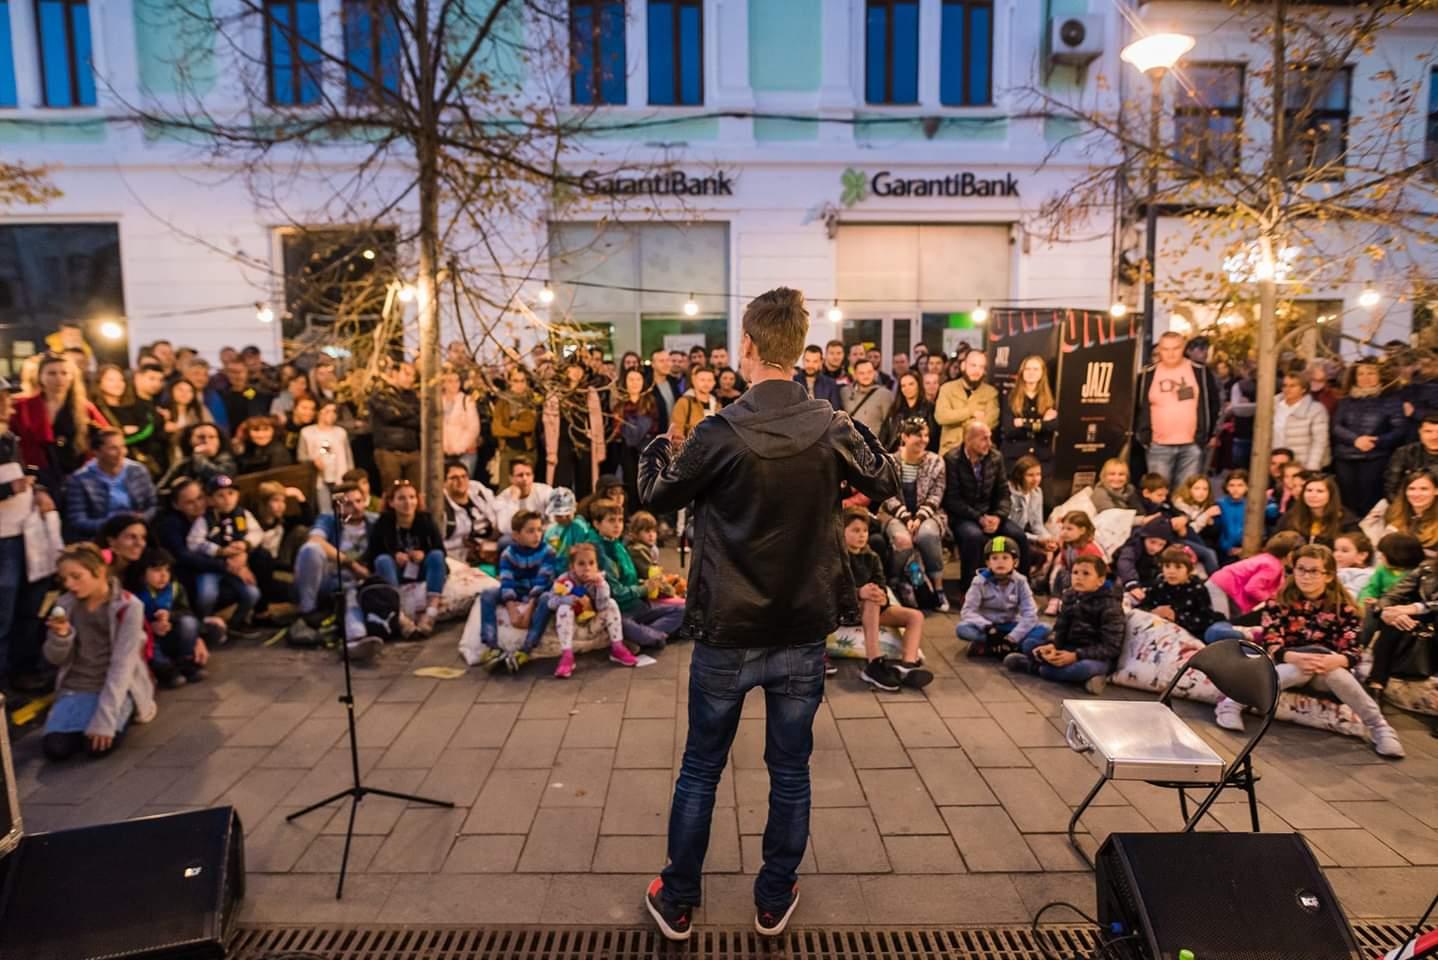 Arta stradală a cucerit centrul orașului în ultima zi de Jazz in the street din acest an! 17.000 de clujeni au luat parte la spectacole! FOTO-VIDEO